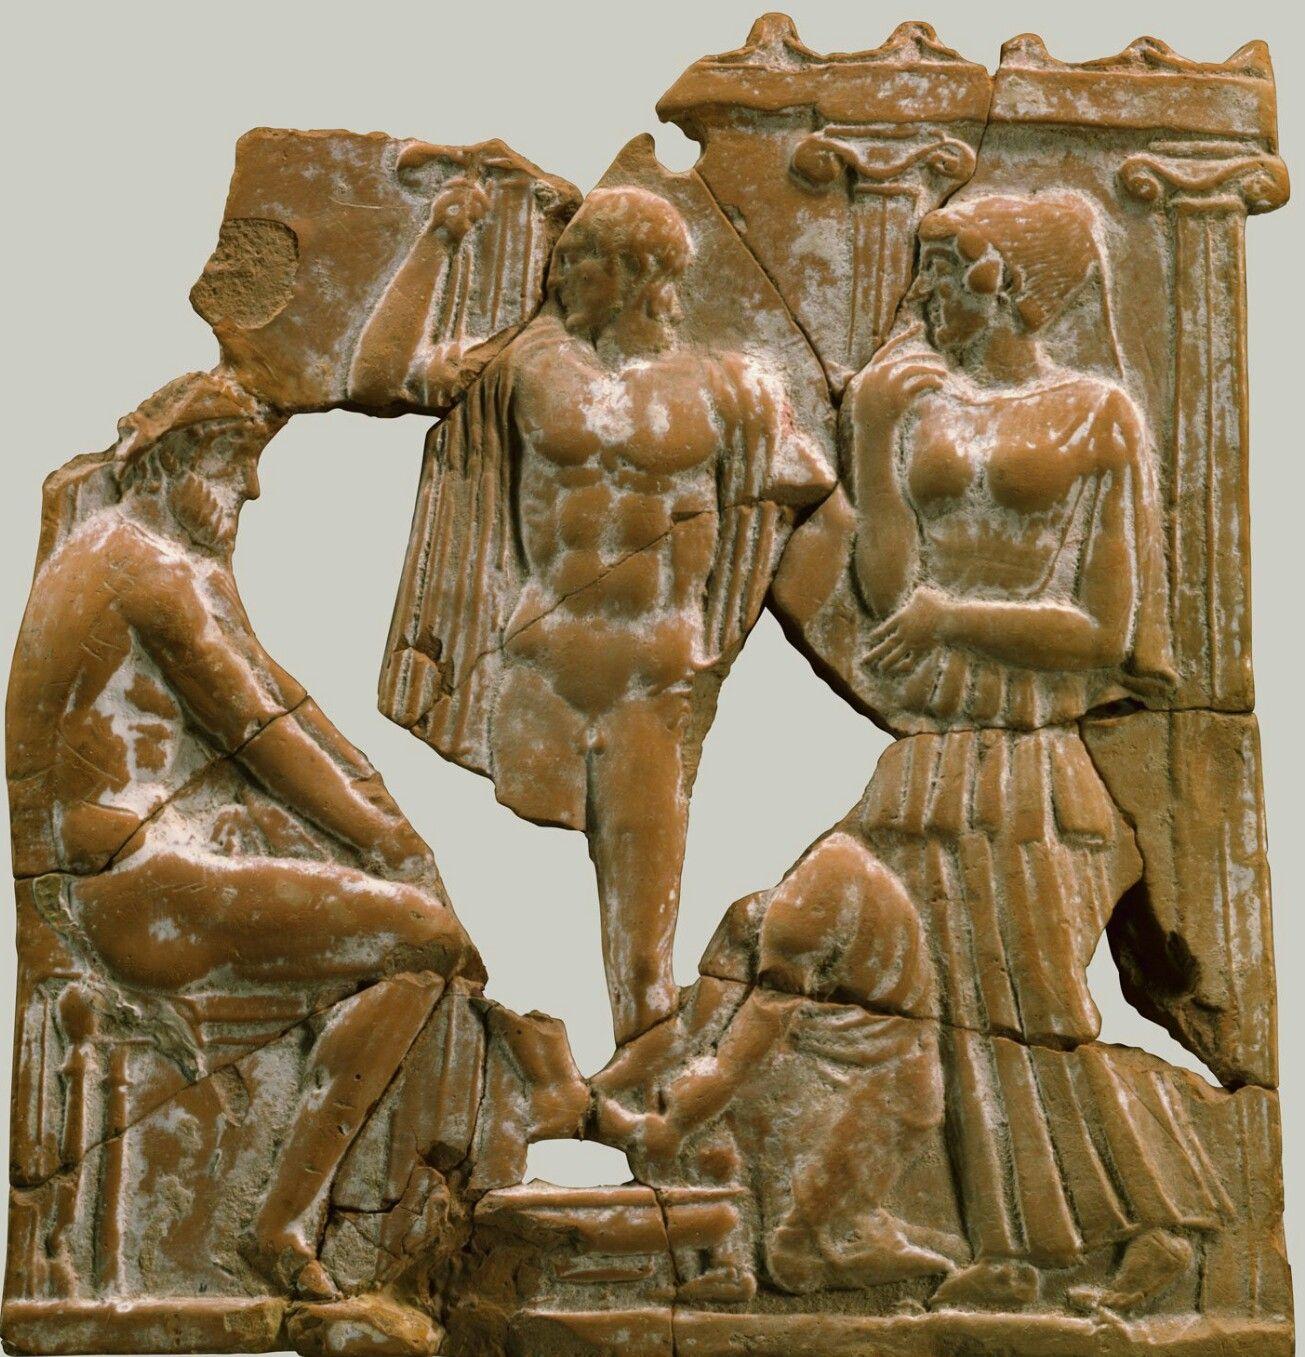 Pin On Selection L Art Autour Du Monde Ancient Greek Sculpture Terracotta Prehistoric Art